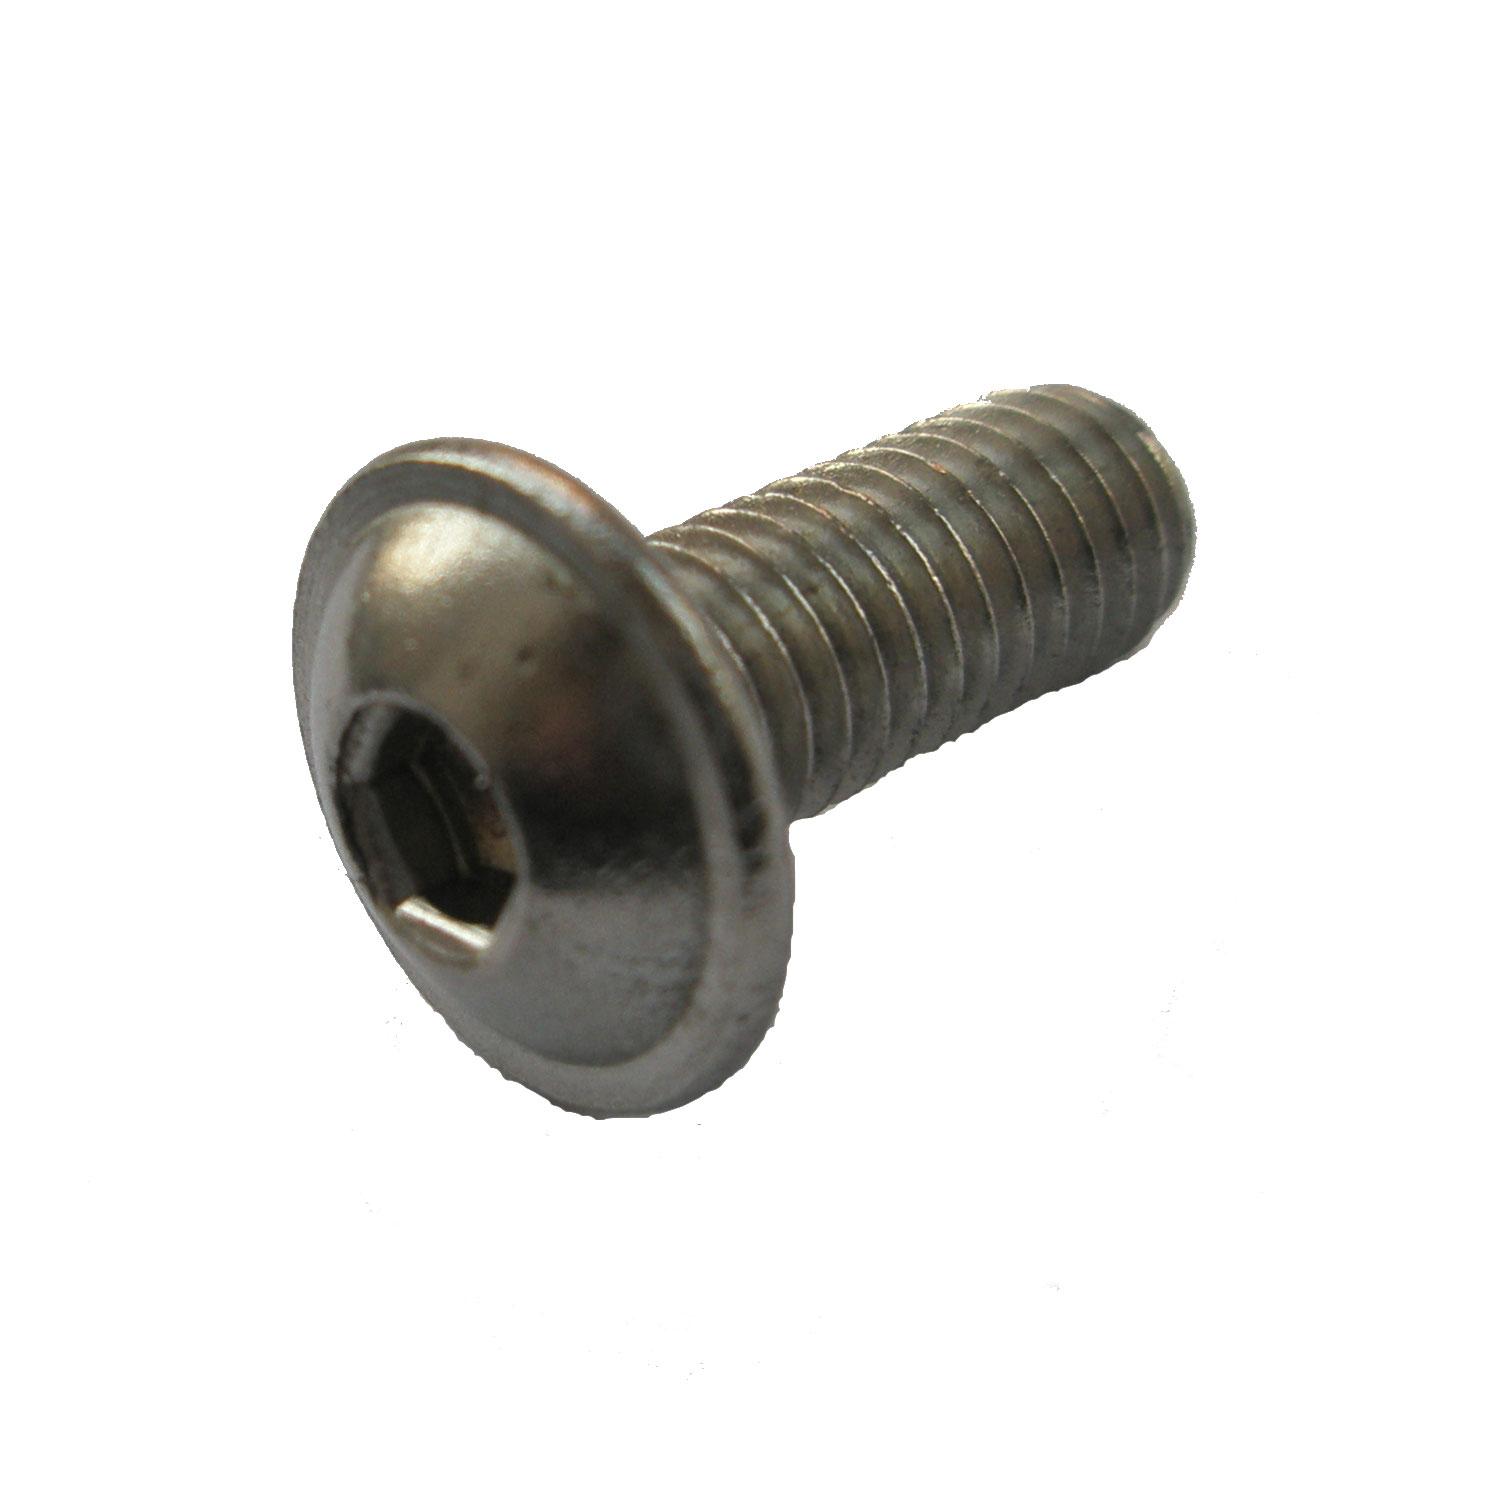 10, M3x8 mm A2 Edelstahl Linsenflanschkopfschrauben 10 St/ück Linsenkopf Schrauben mit Flansch M3x8 mm ISO 7380//2 V2A Innensechskant